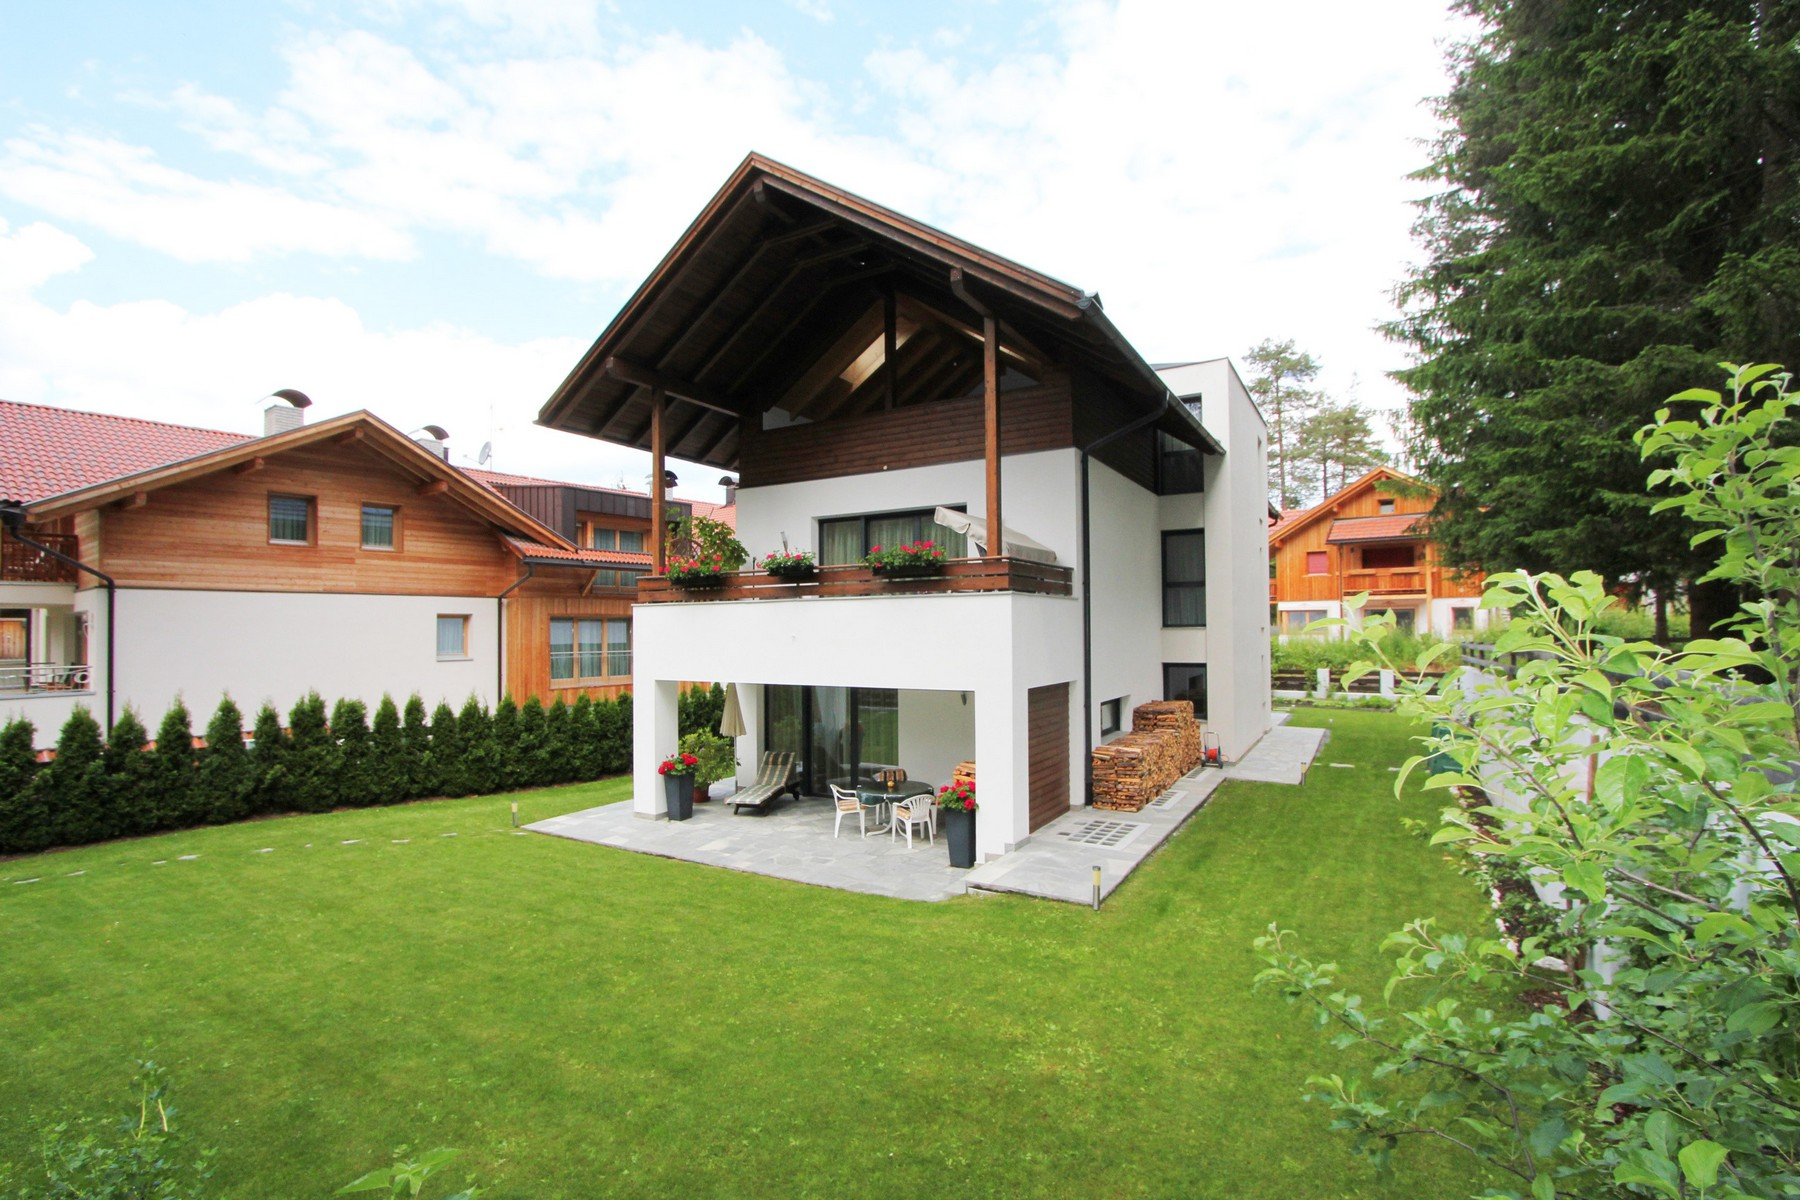 Villa in Vendita a Marebbe: 5 locali, 240 mq